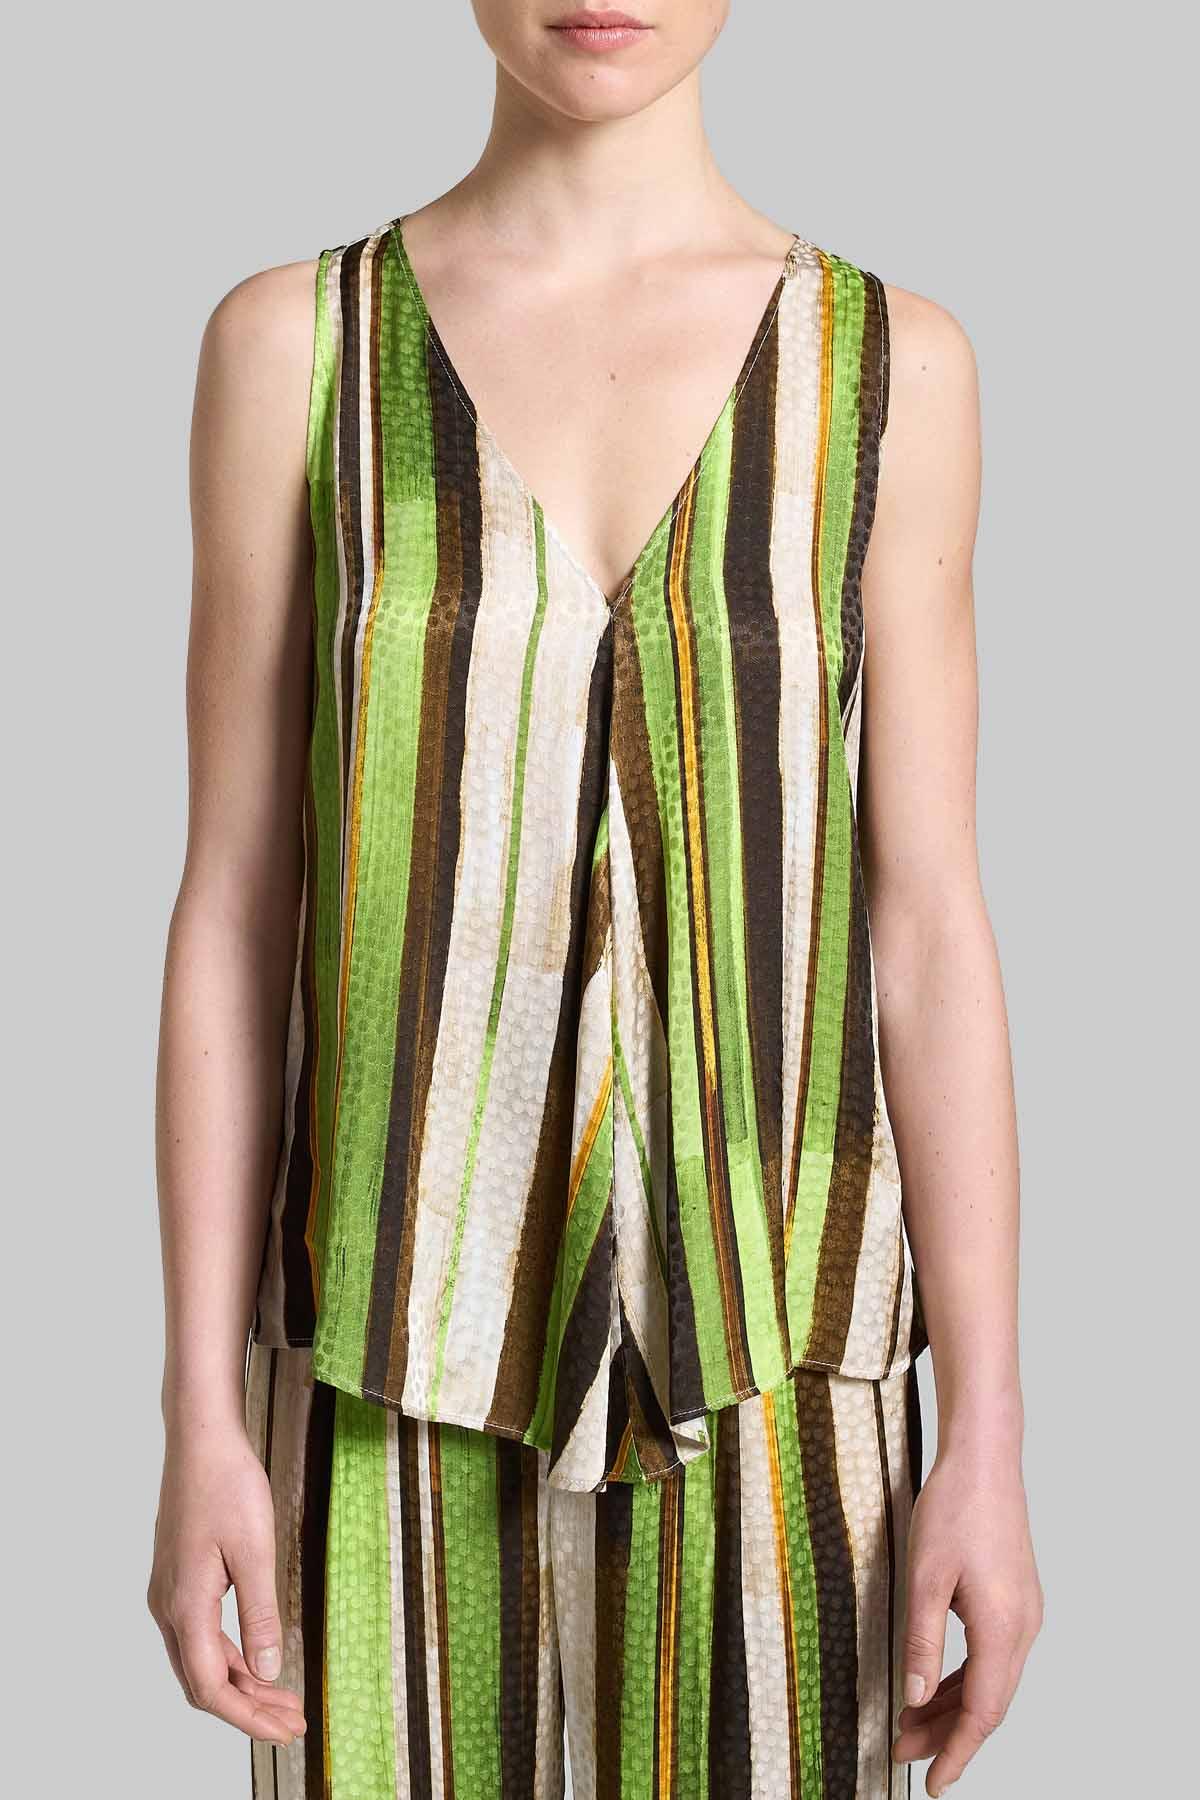 Abbigliamento Donna Top Stripes Jacquard In Verde e Naturale con Scollo a V Maliparmi | Camicie e Top | JP531850557C6022